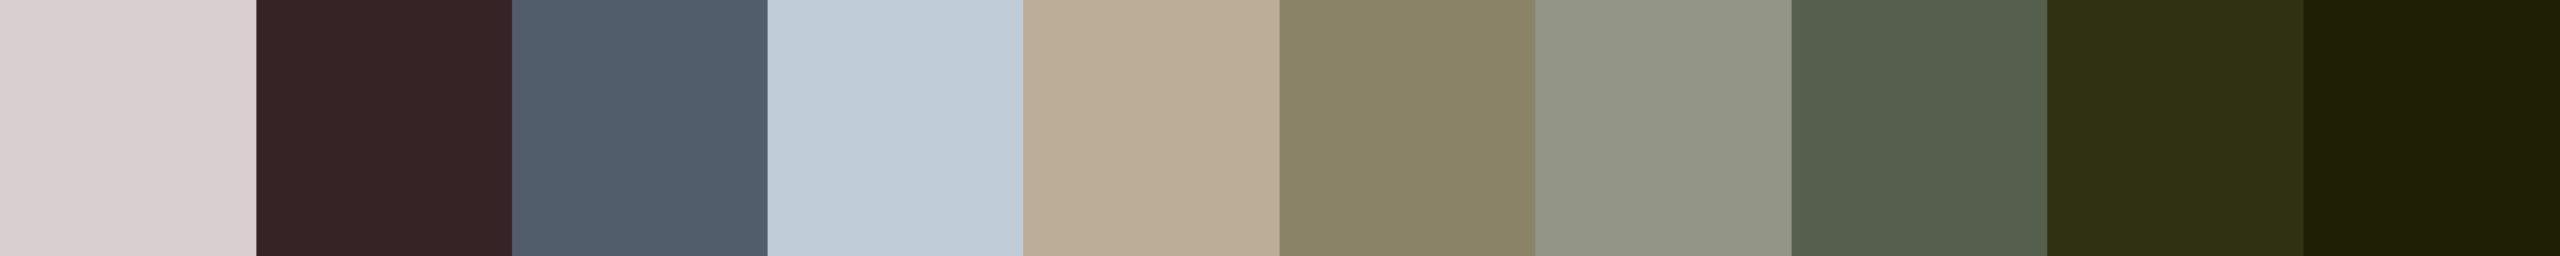 626 Ereviatta Color Palette